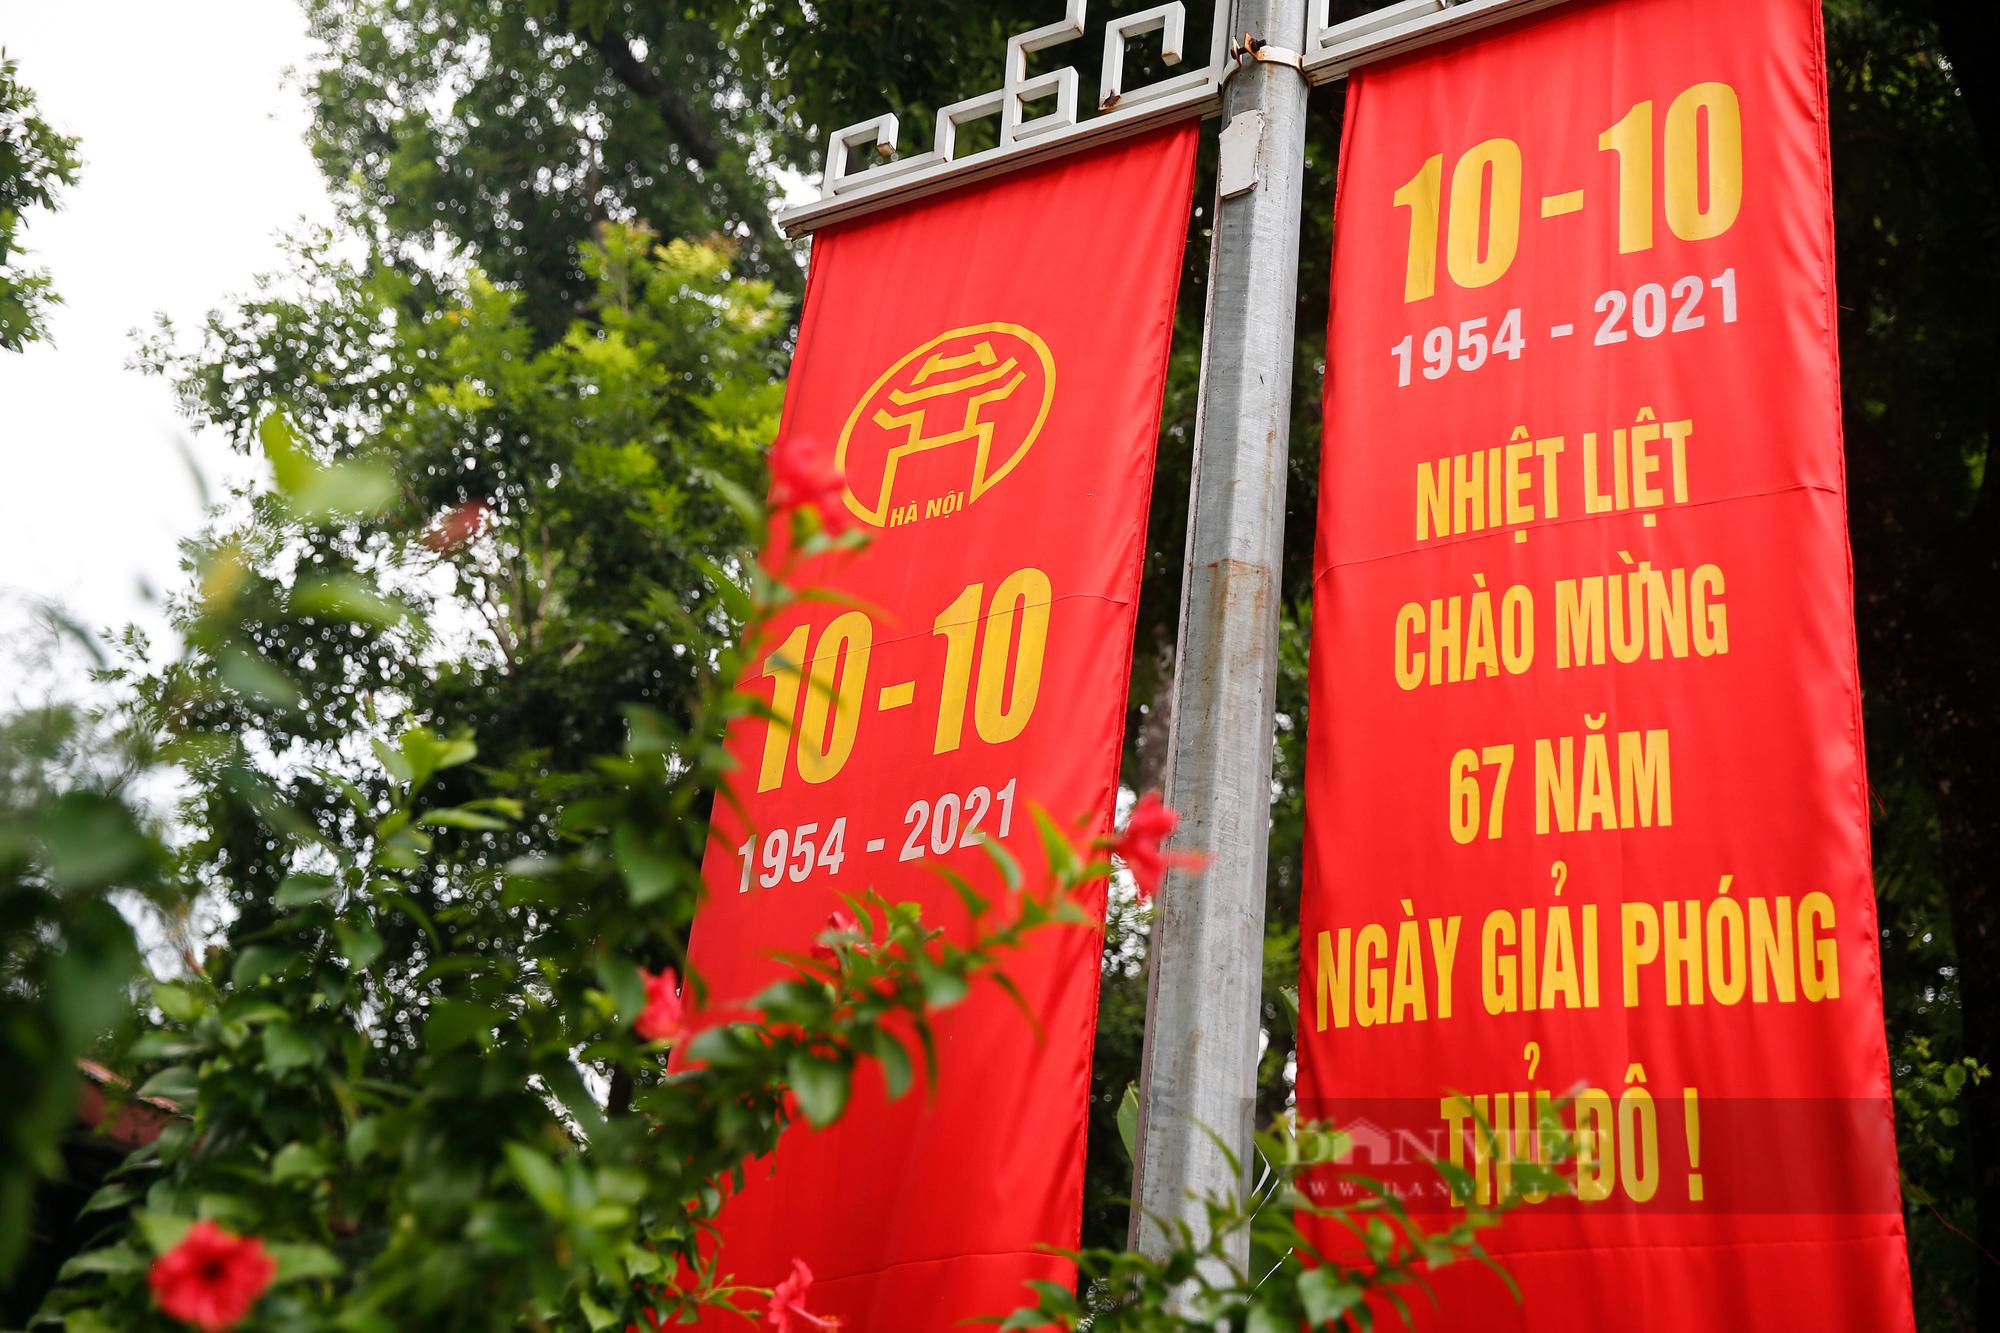 Đường phố Hà Nội rực rỡ chào mừng Ngày Giải phóng Thủ đô  - Ảnh 4.